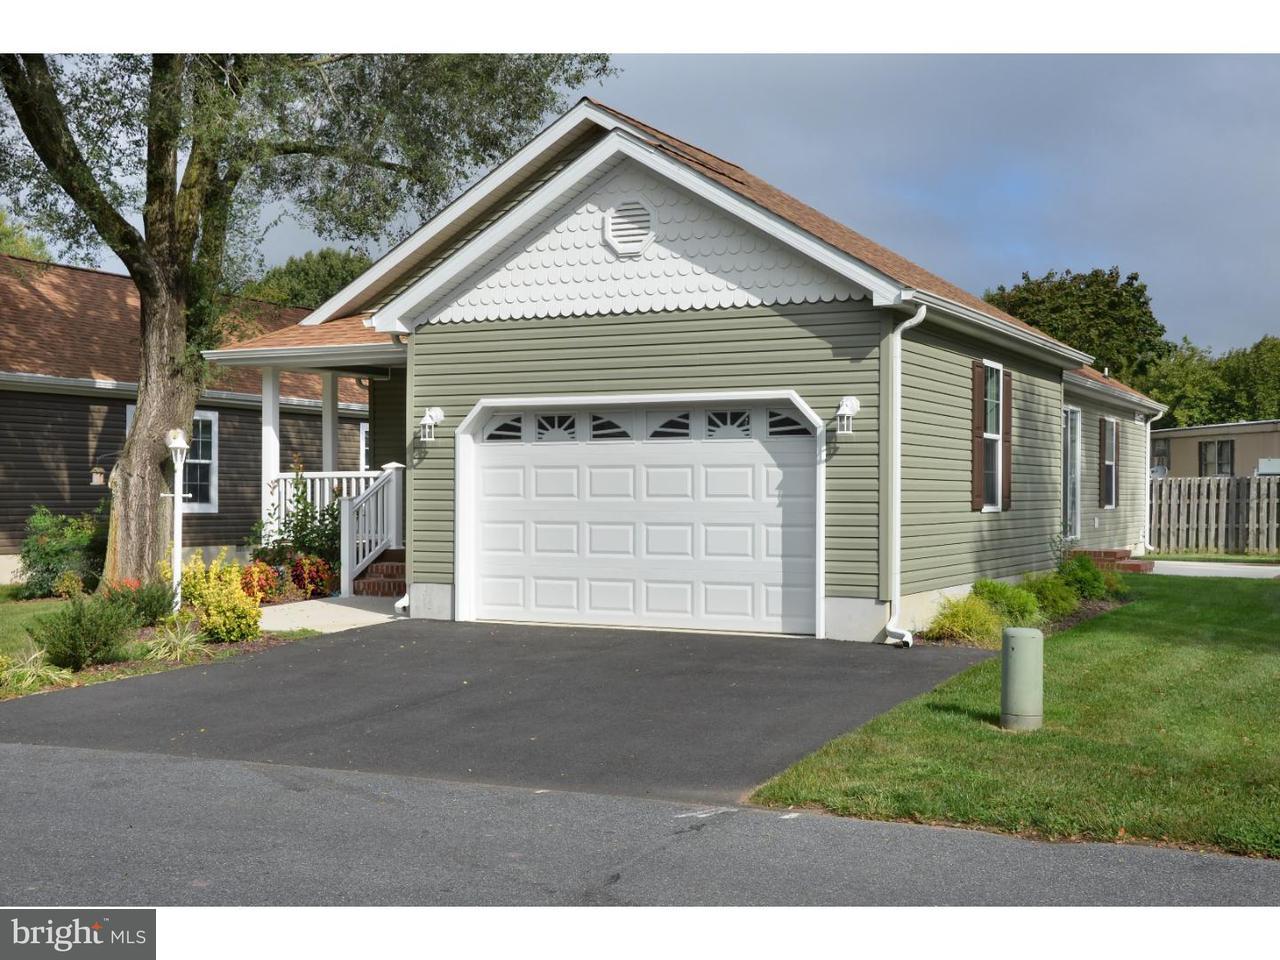 Частный односемейный дом для того Аренда на 121 BLUE BELL Road Magnolia, Делавэр 19962 Соединенные Штаты